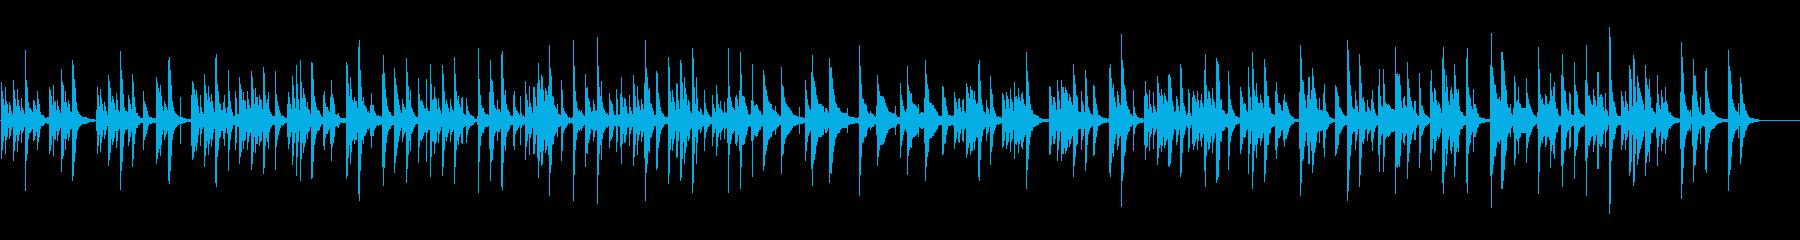 ゆったりと落ち着いたおふざけBGMの再生済みの波形